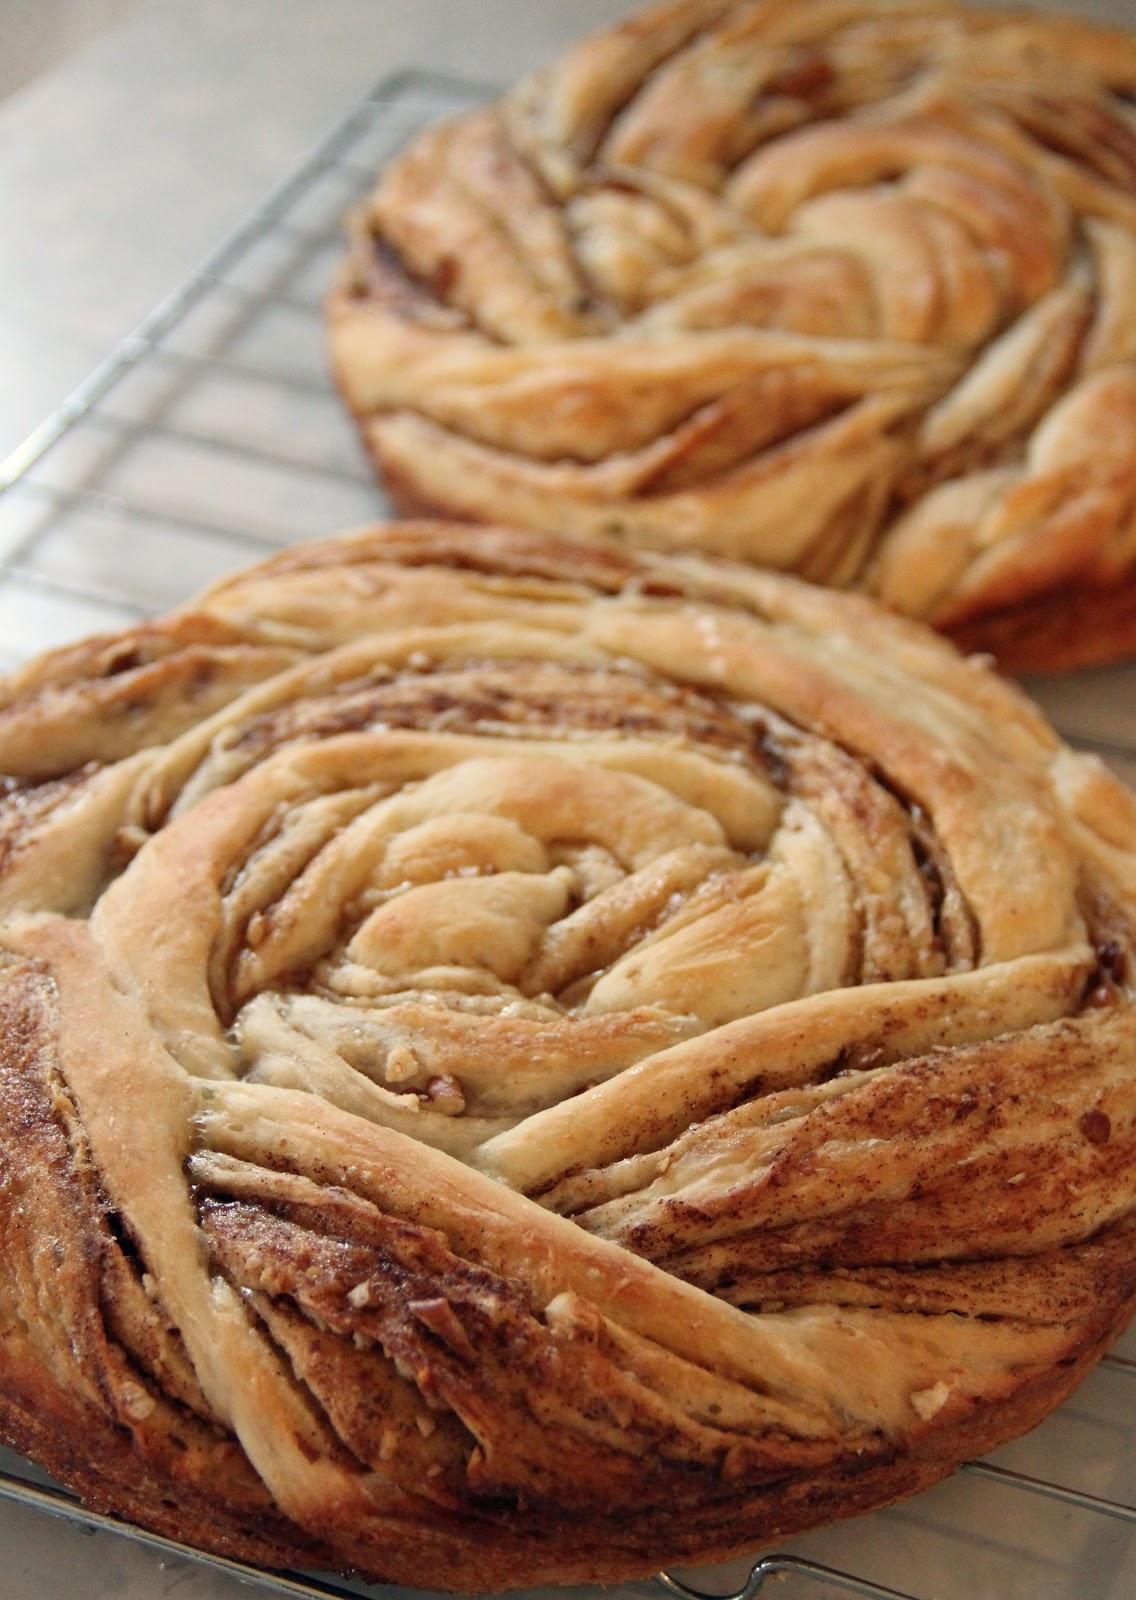 Jo and Sue: Cinnamon Roll Up Bread